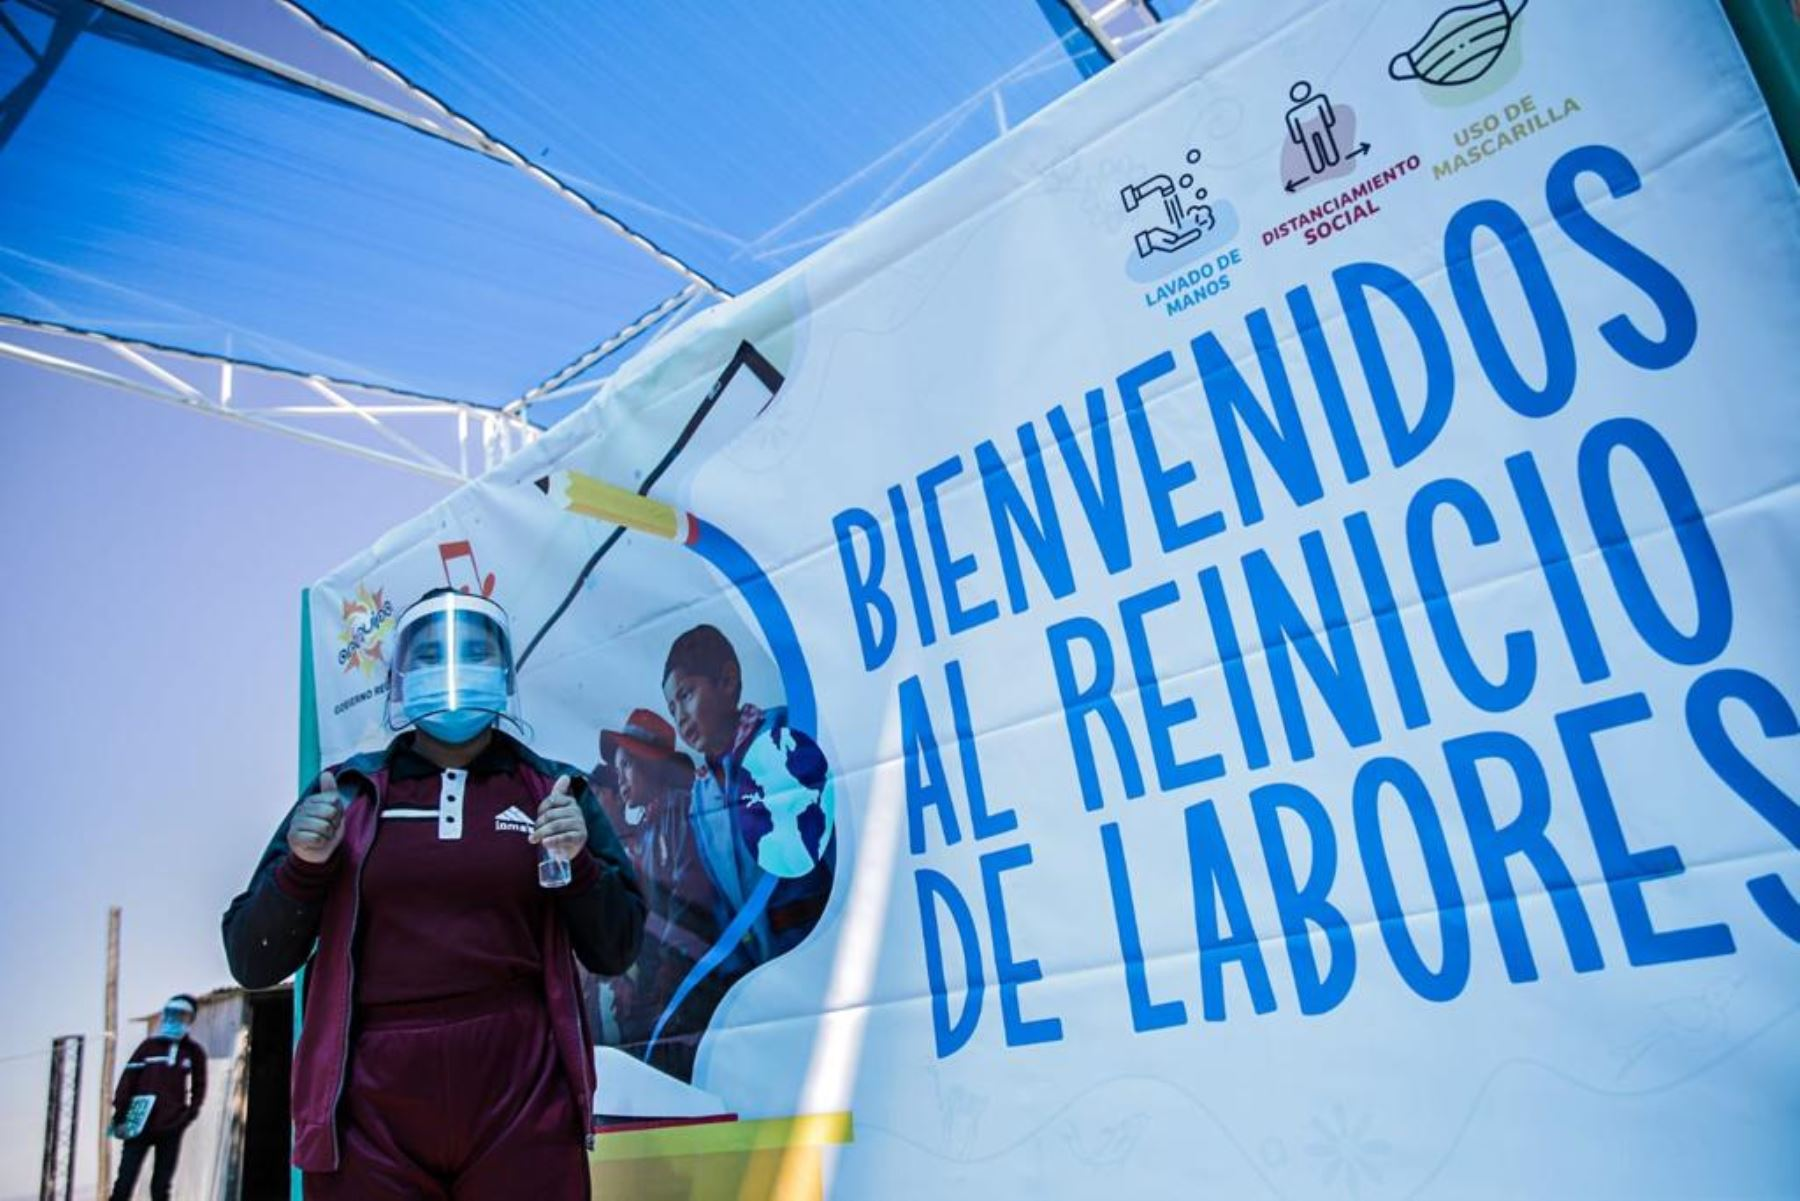 Un grupo de escolares de la institución educativa San Cristóbal de Arequipa reanudaron las clases presenciales.